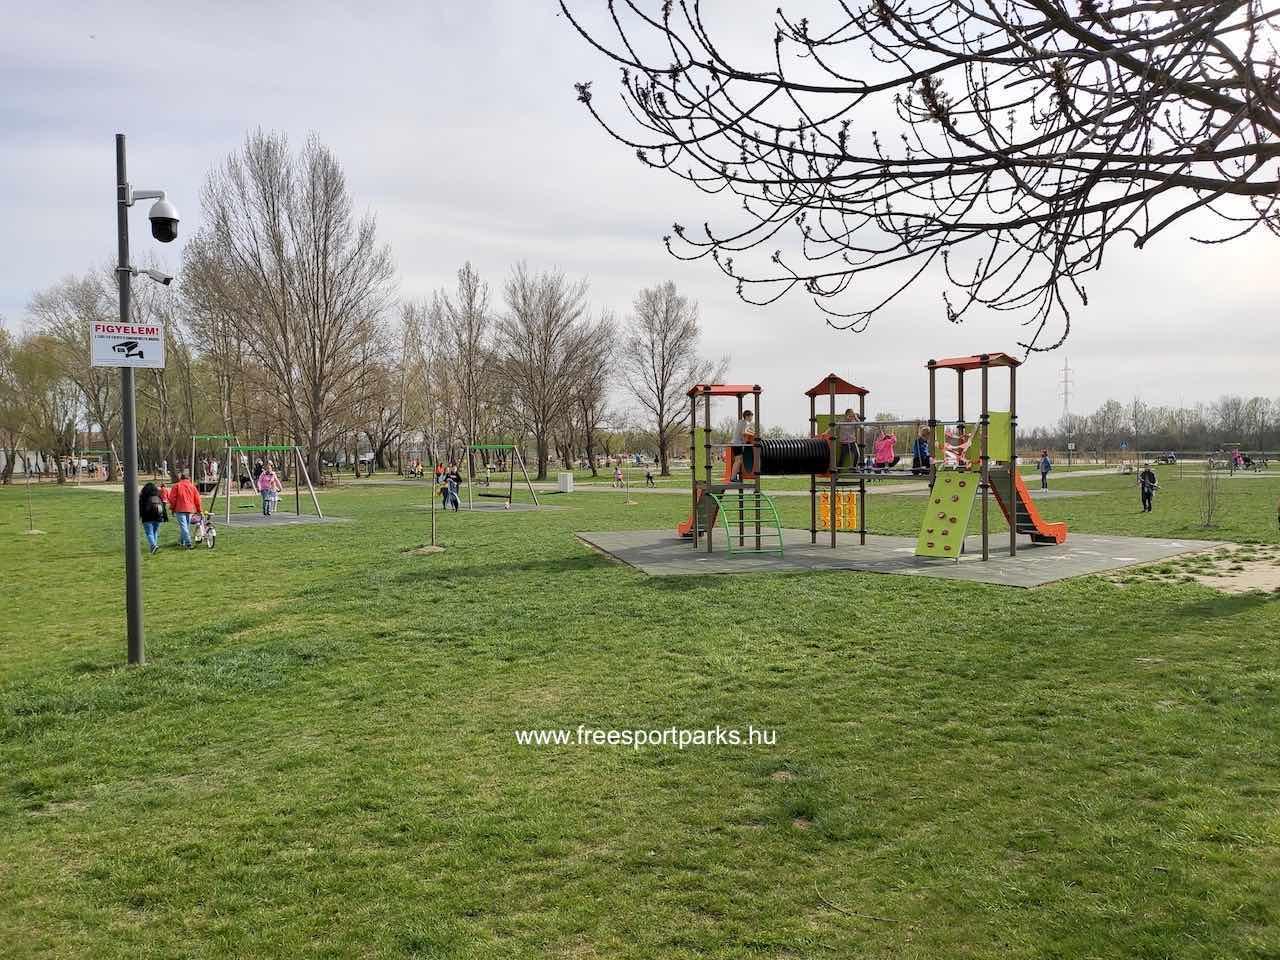 játszótéri eszközök a Palotavárosi szabadidőpark zöld területén